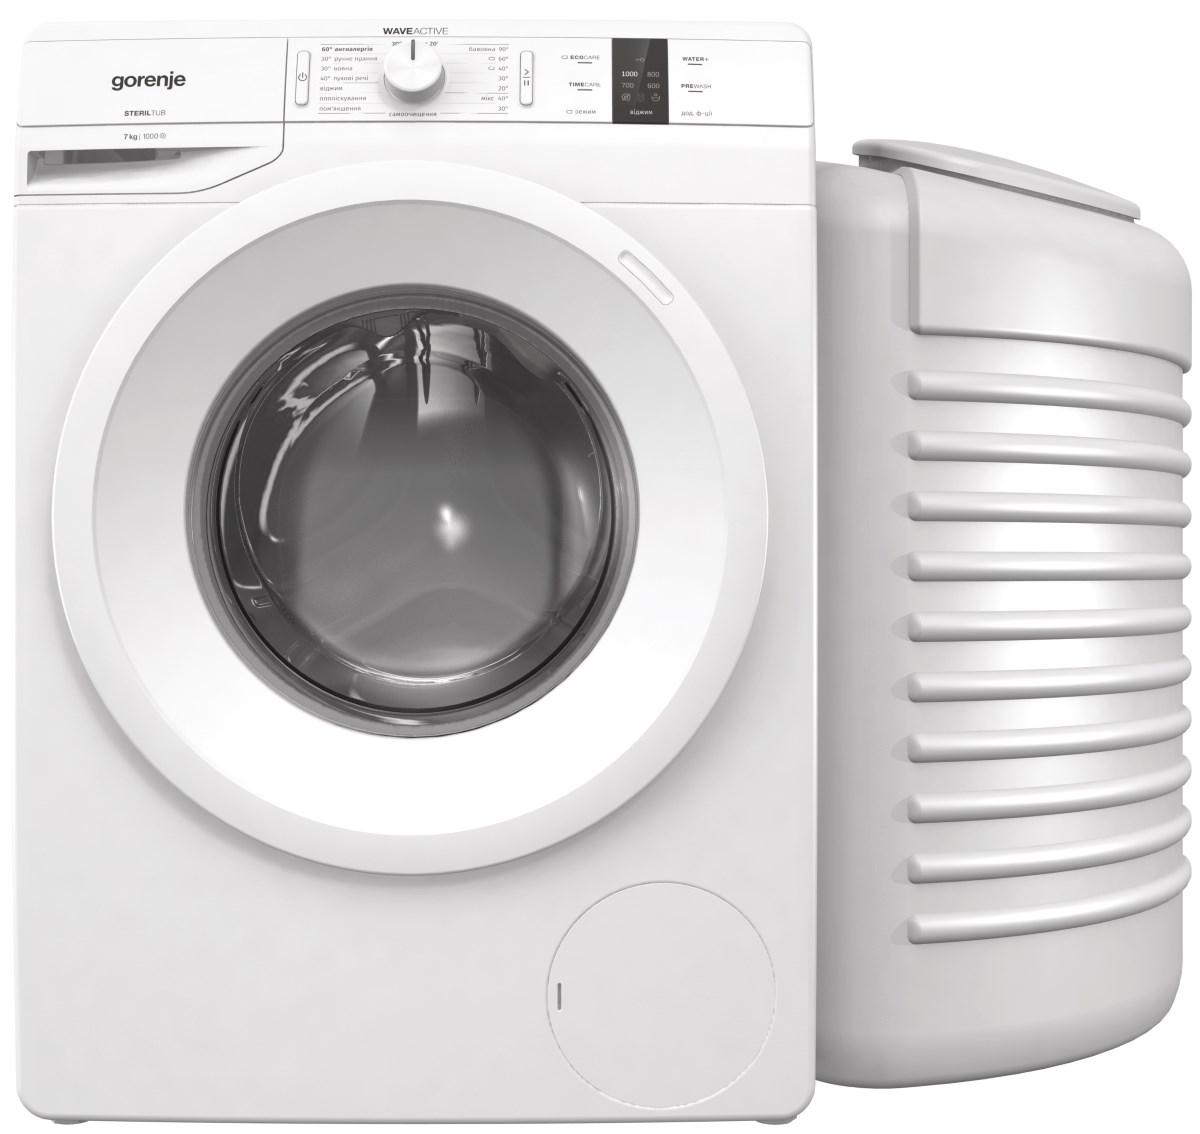 Картинки по запросу Крестовина на стиральную машину: когда стоит приобрести новую?